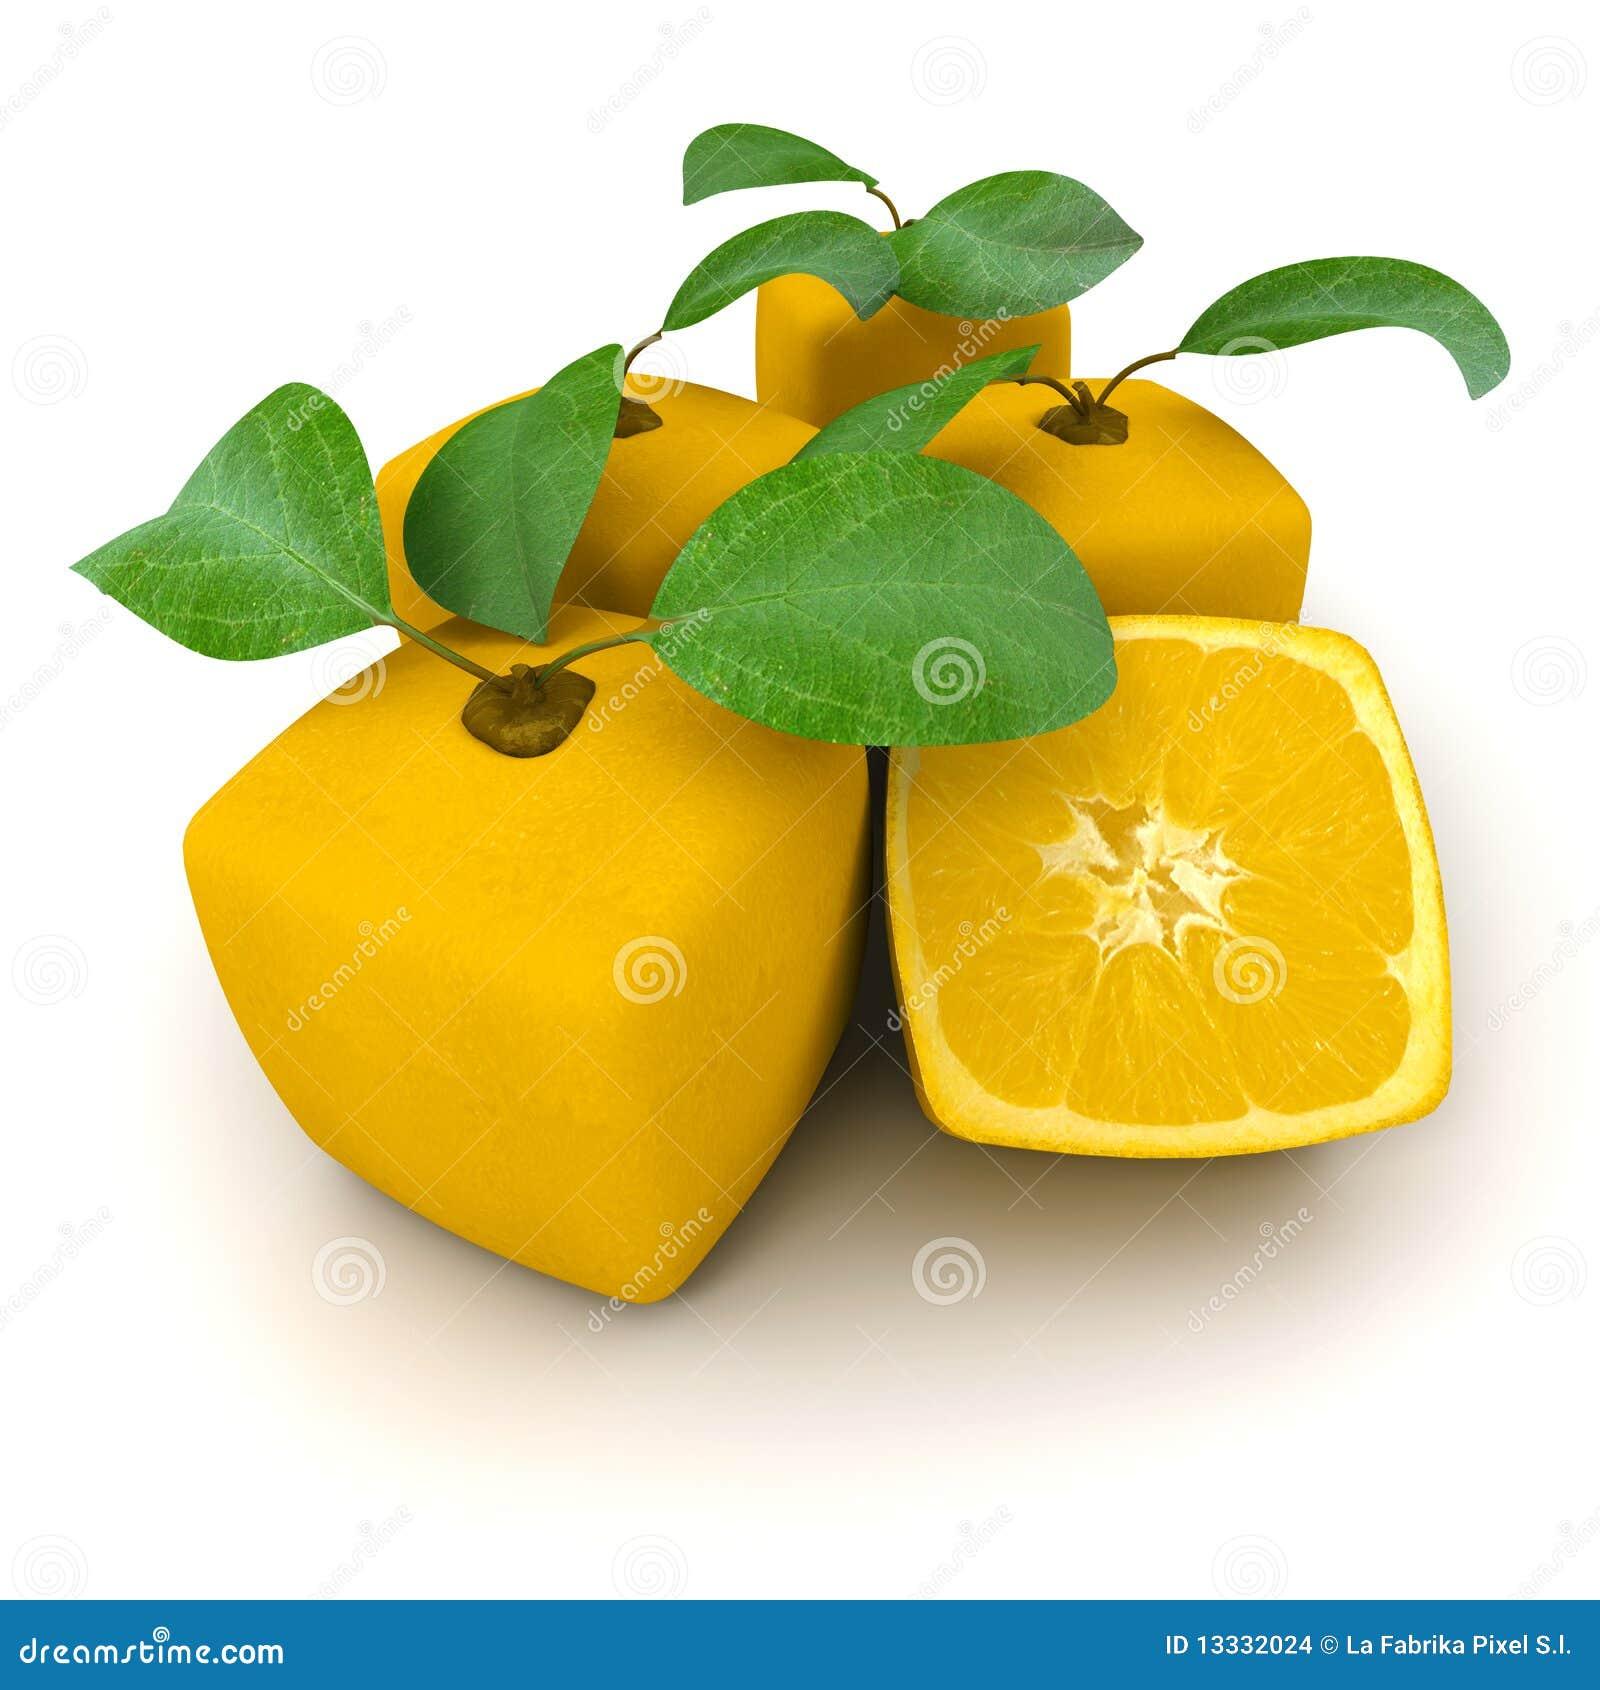 Kubiczne grupowe pomarańcze